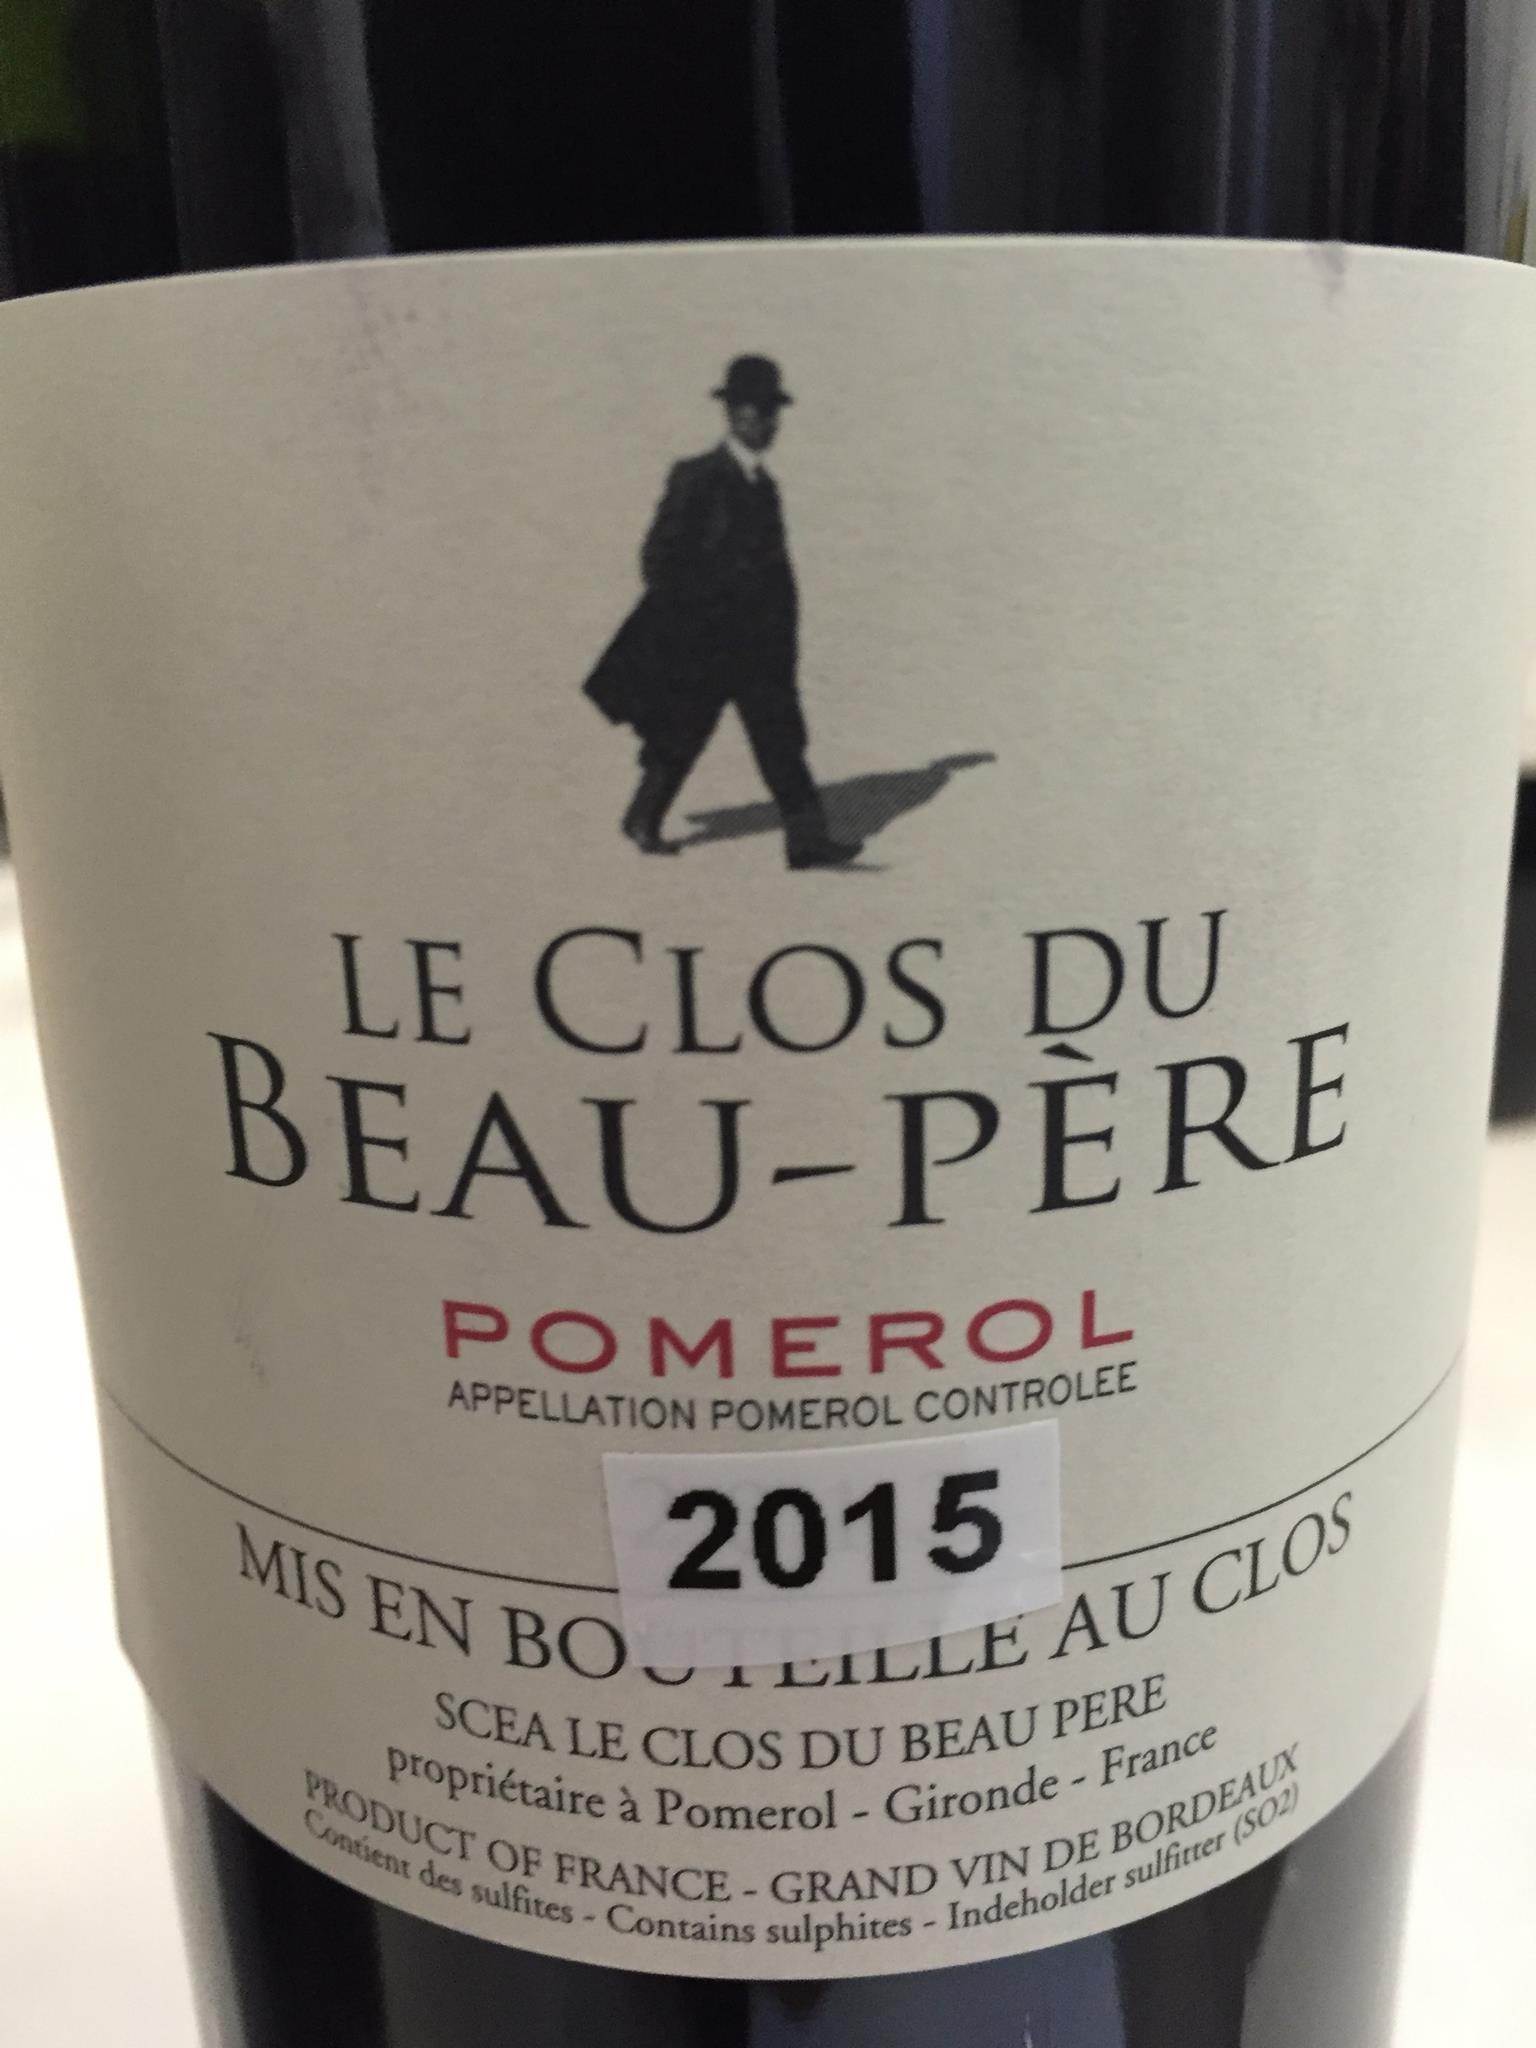 Le Clos du Beau-Père 2015 – Pomerol